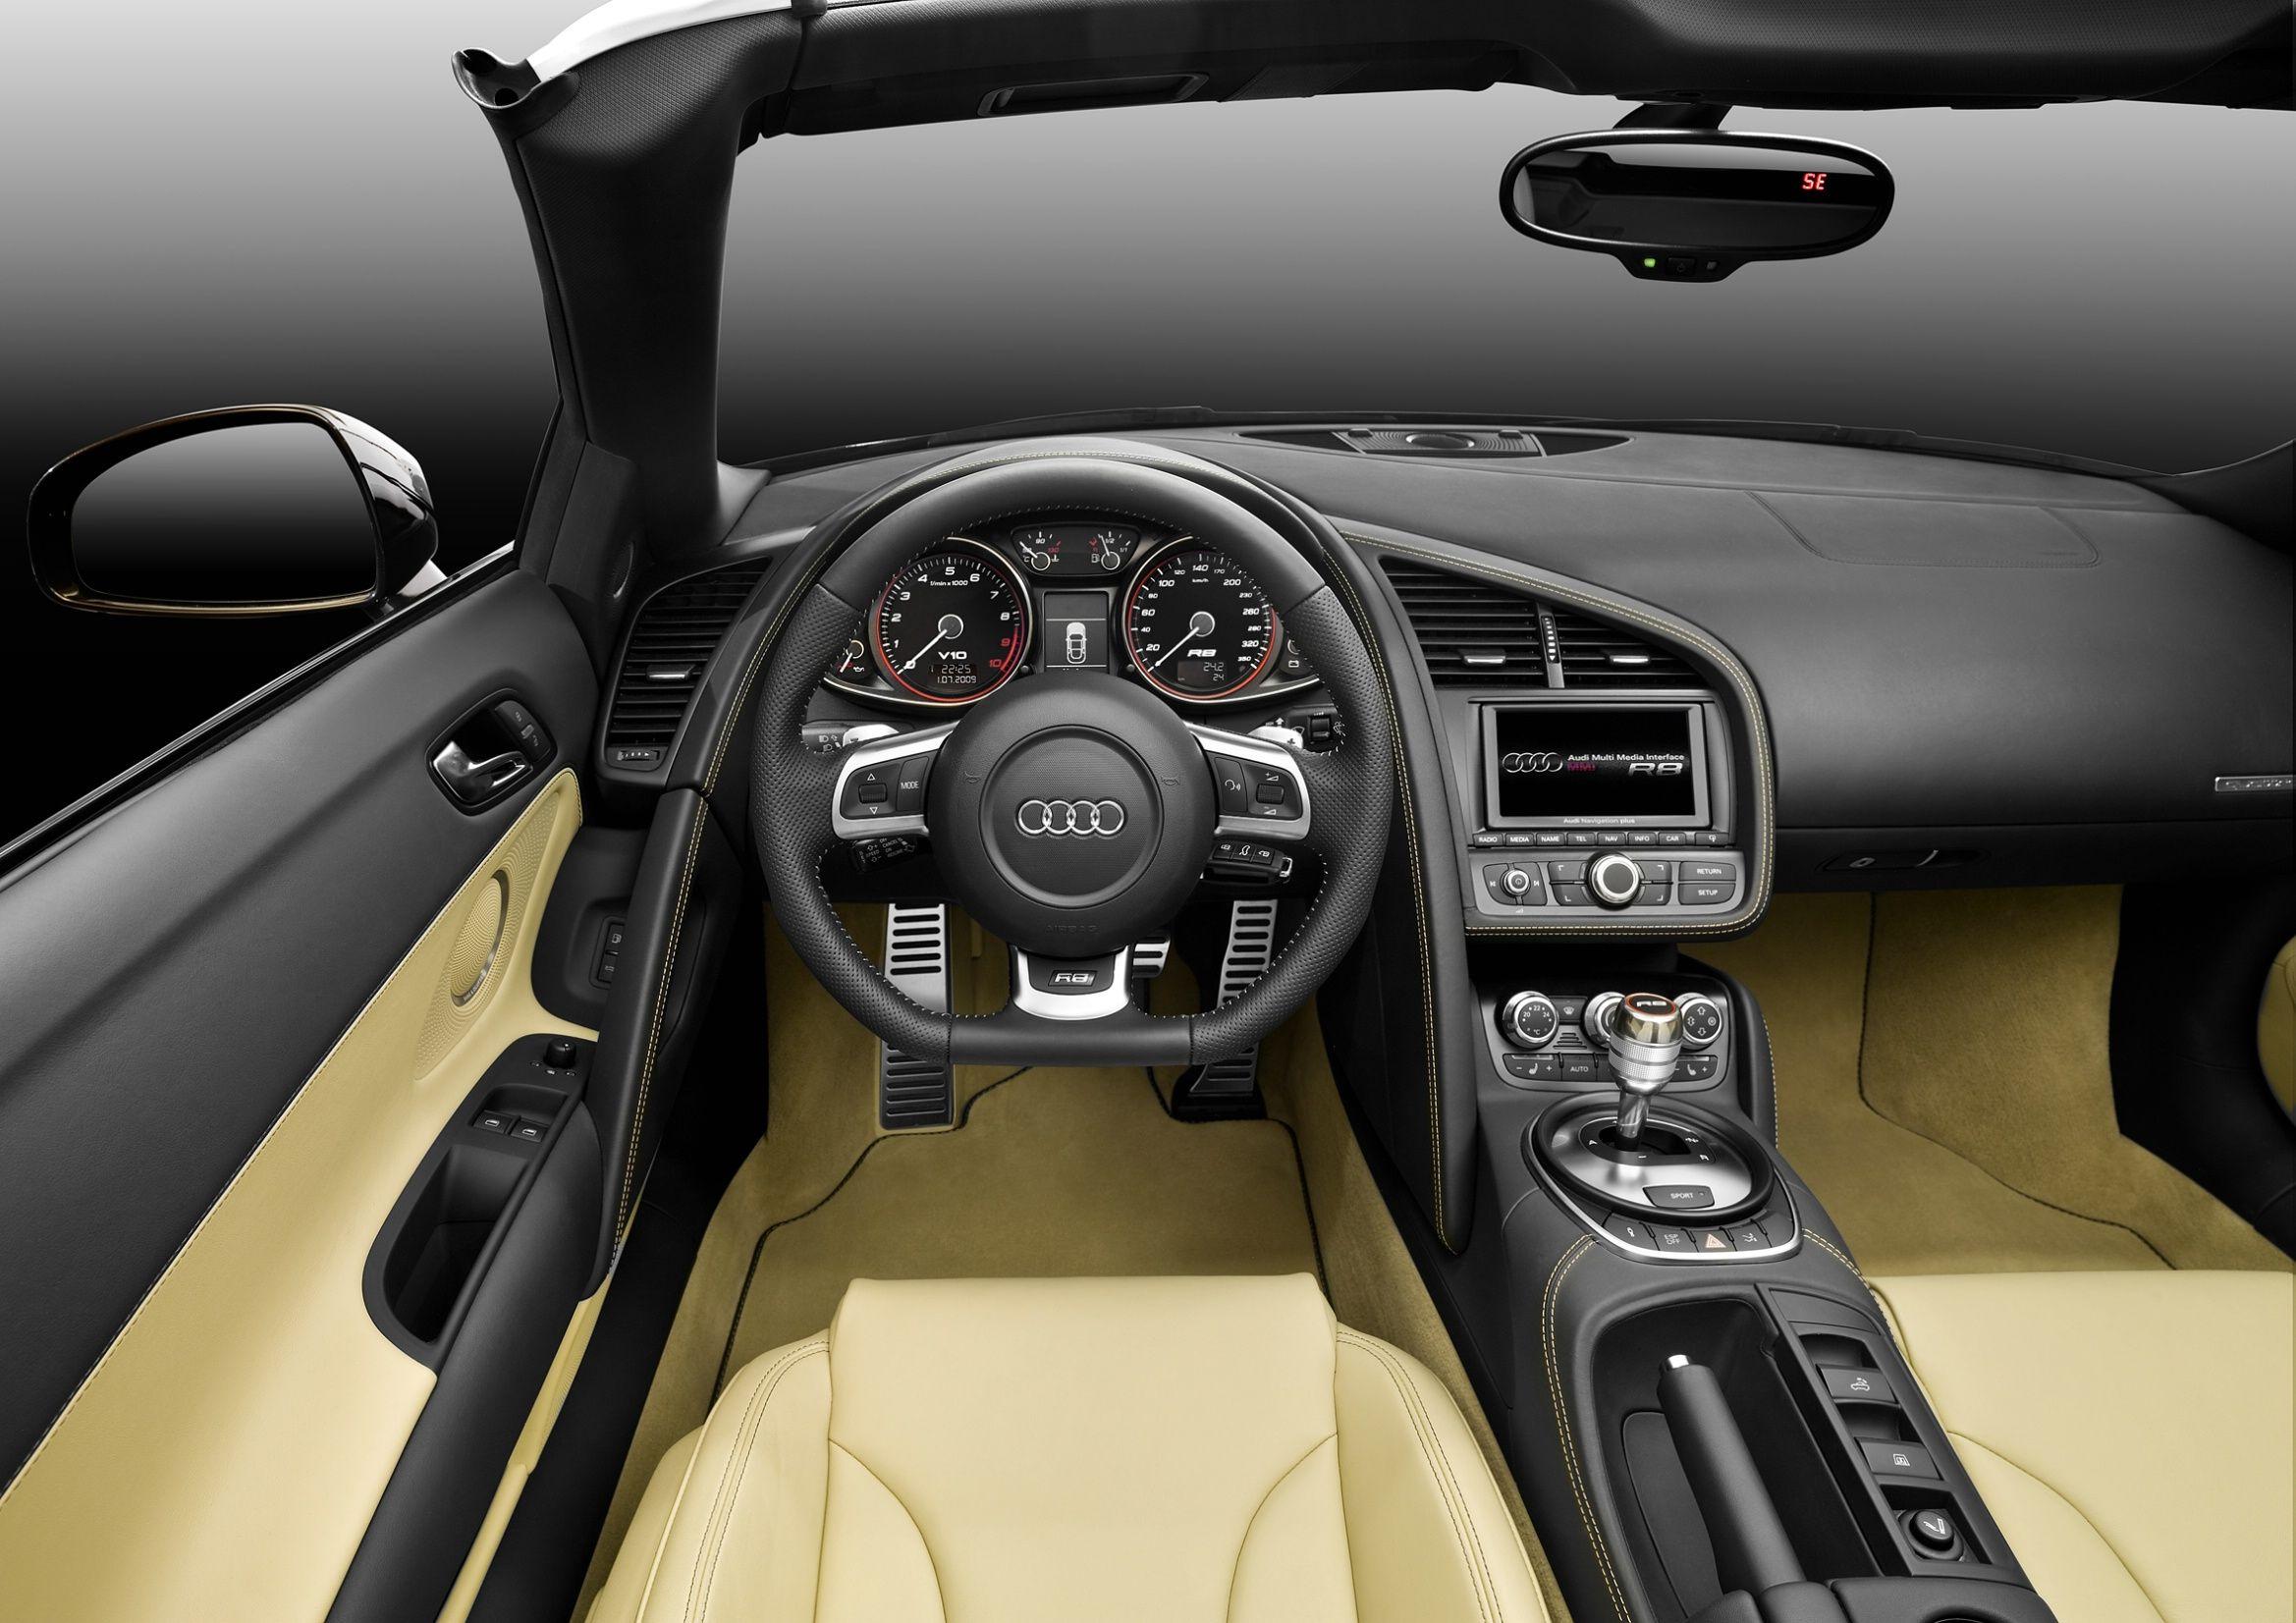 2009 audi r8 v10 spyder cars pinterest 2009 audi r8 audi r8 v10 and r8 v10